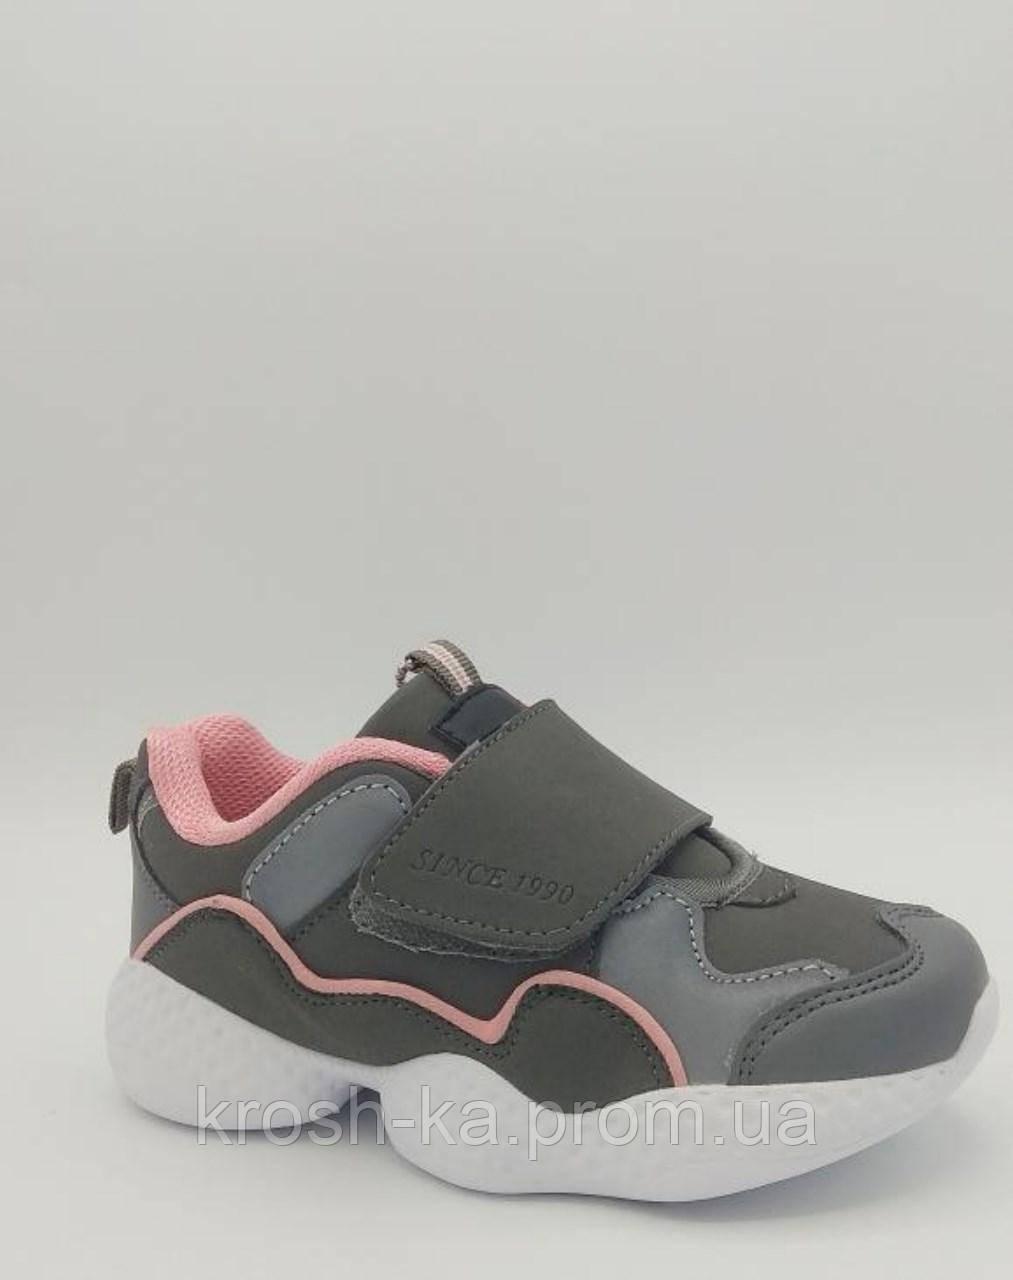 Кроссовки для девочки на липучках Tom.m Китай серо-розовые 0509F